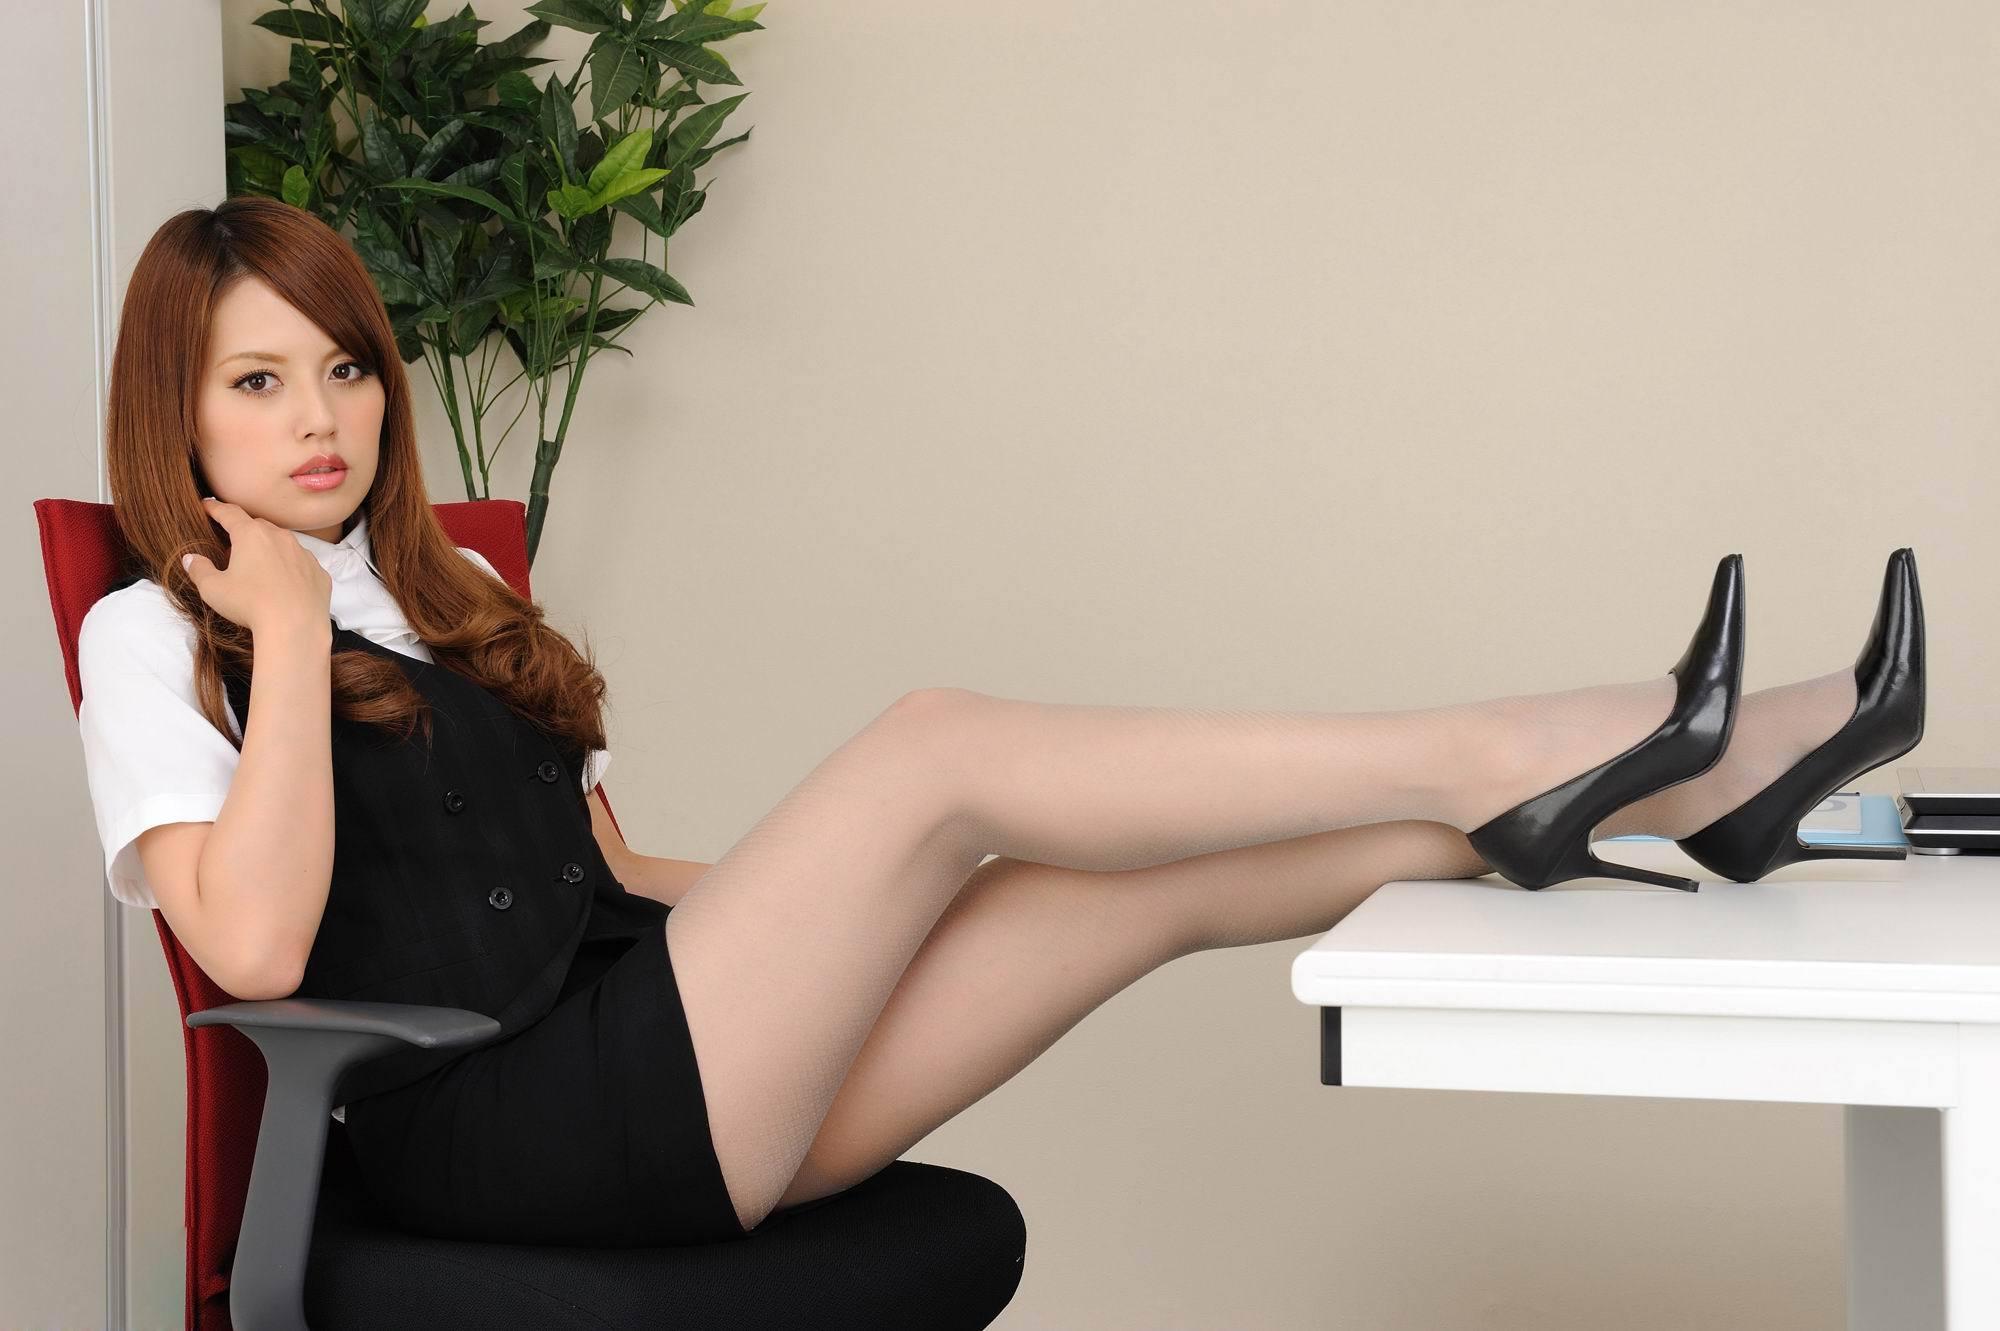 办公室美女秘书 勇敢地金丝鸟的空间